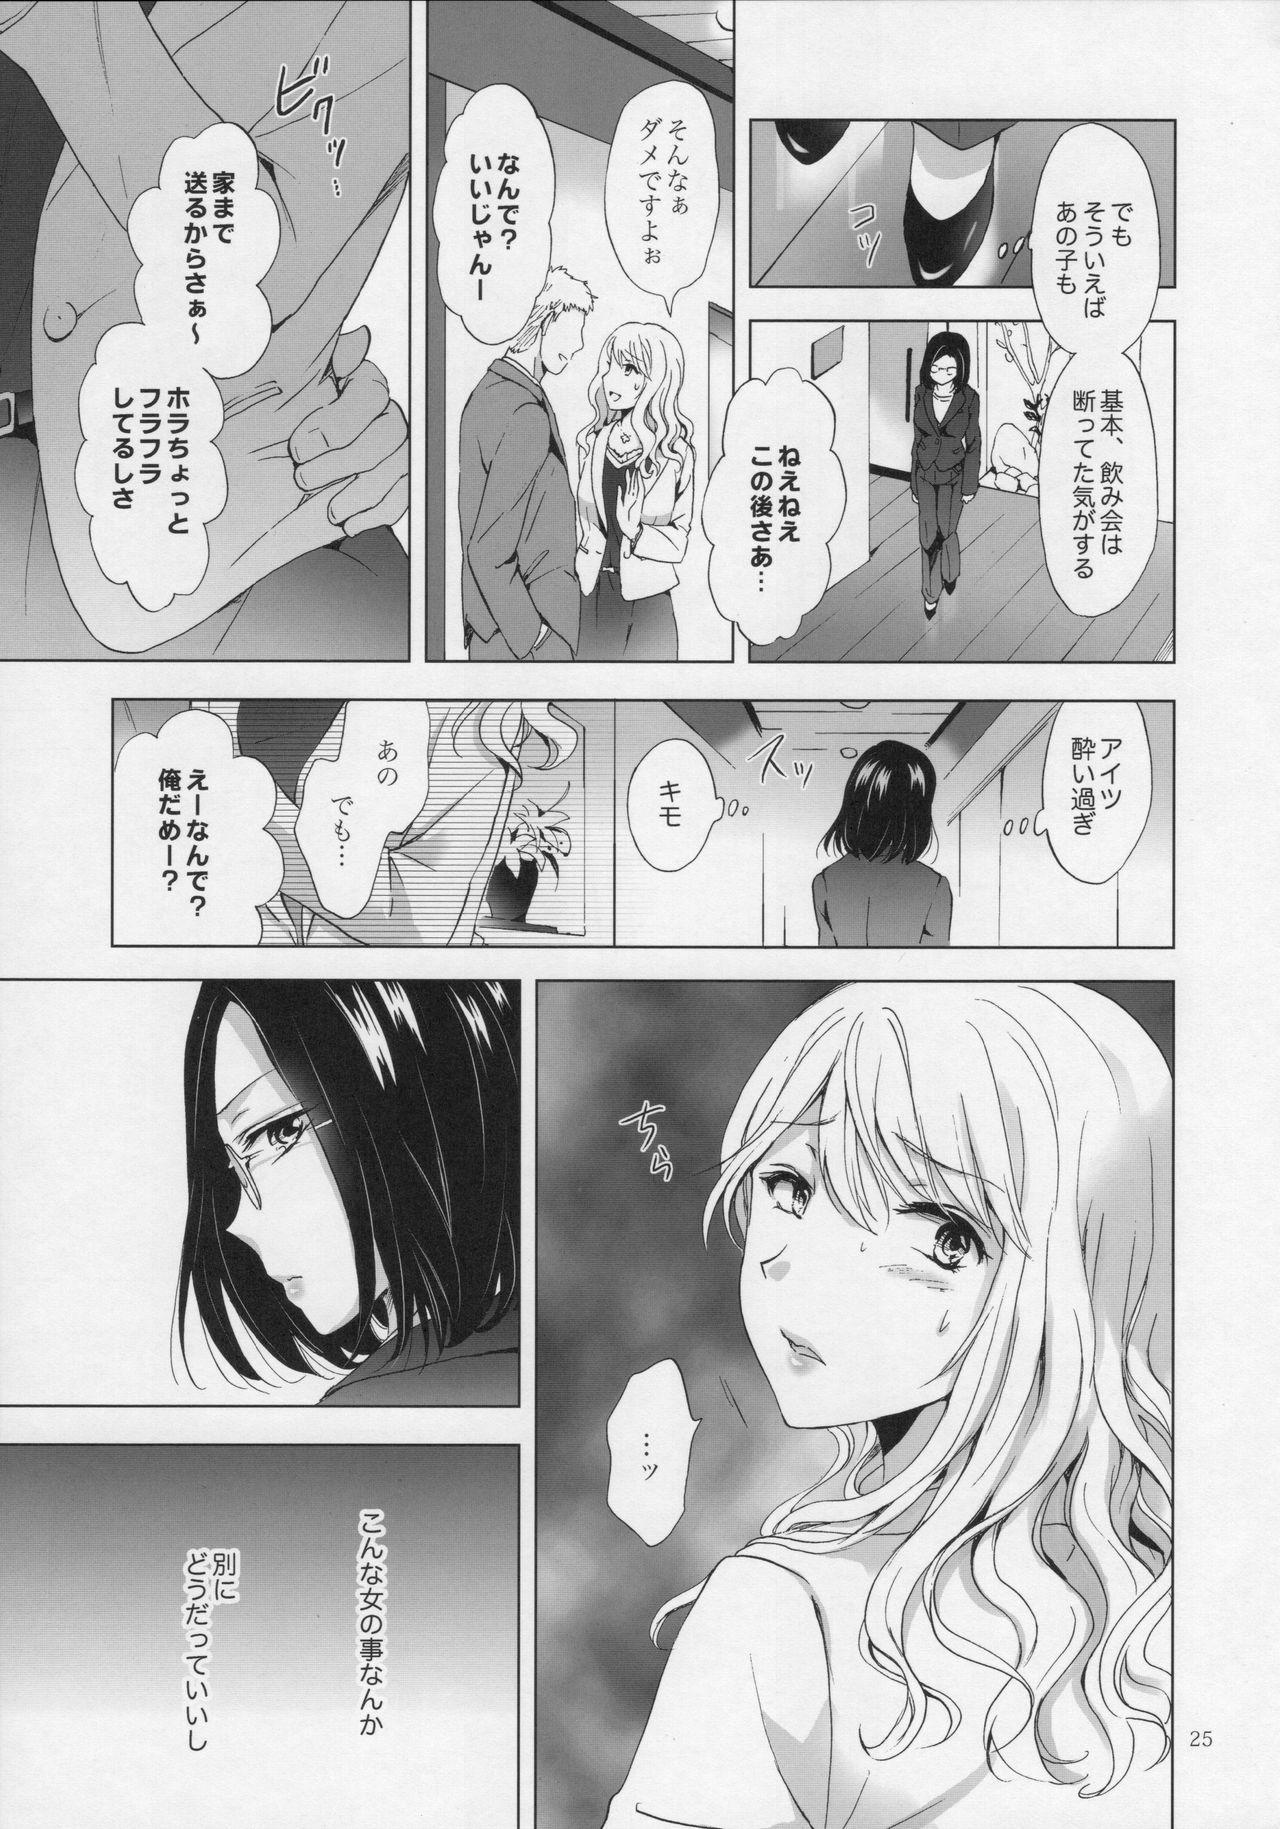 Yurufuwa Joshi ni Kiwotsukete 23